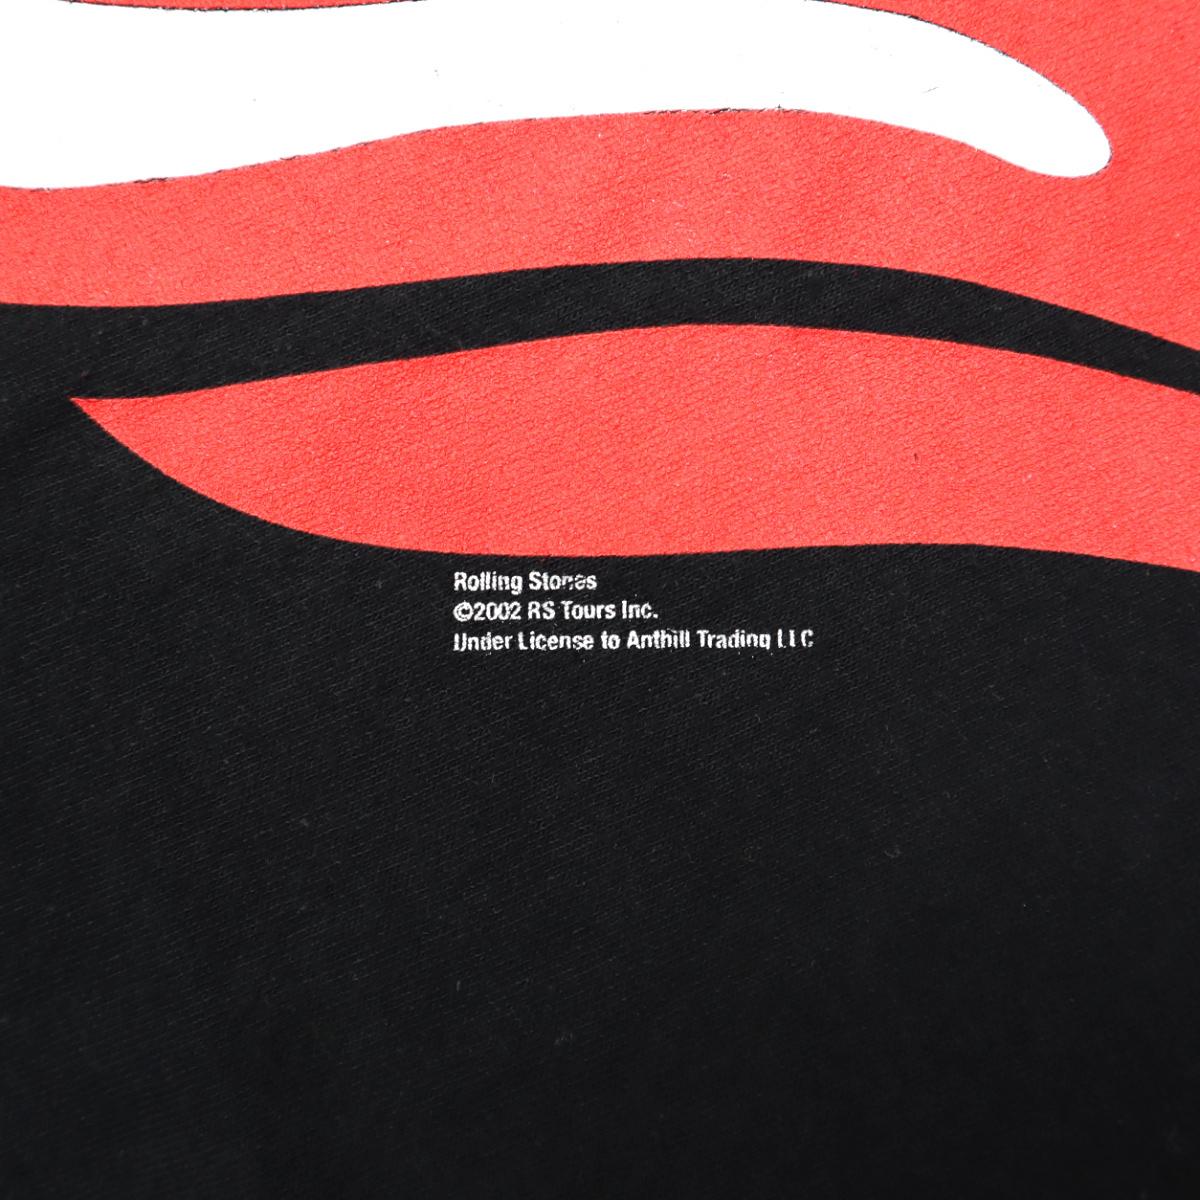 ☆送料無料☆ 00s ビンテージ ROLLING STONES ローリングストーンズ Tシャツ バンド ロック 古着 2002年 アメカジ メンズ L UK 音楽